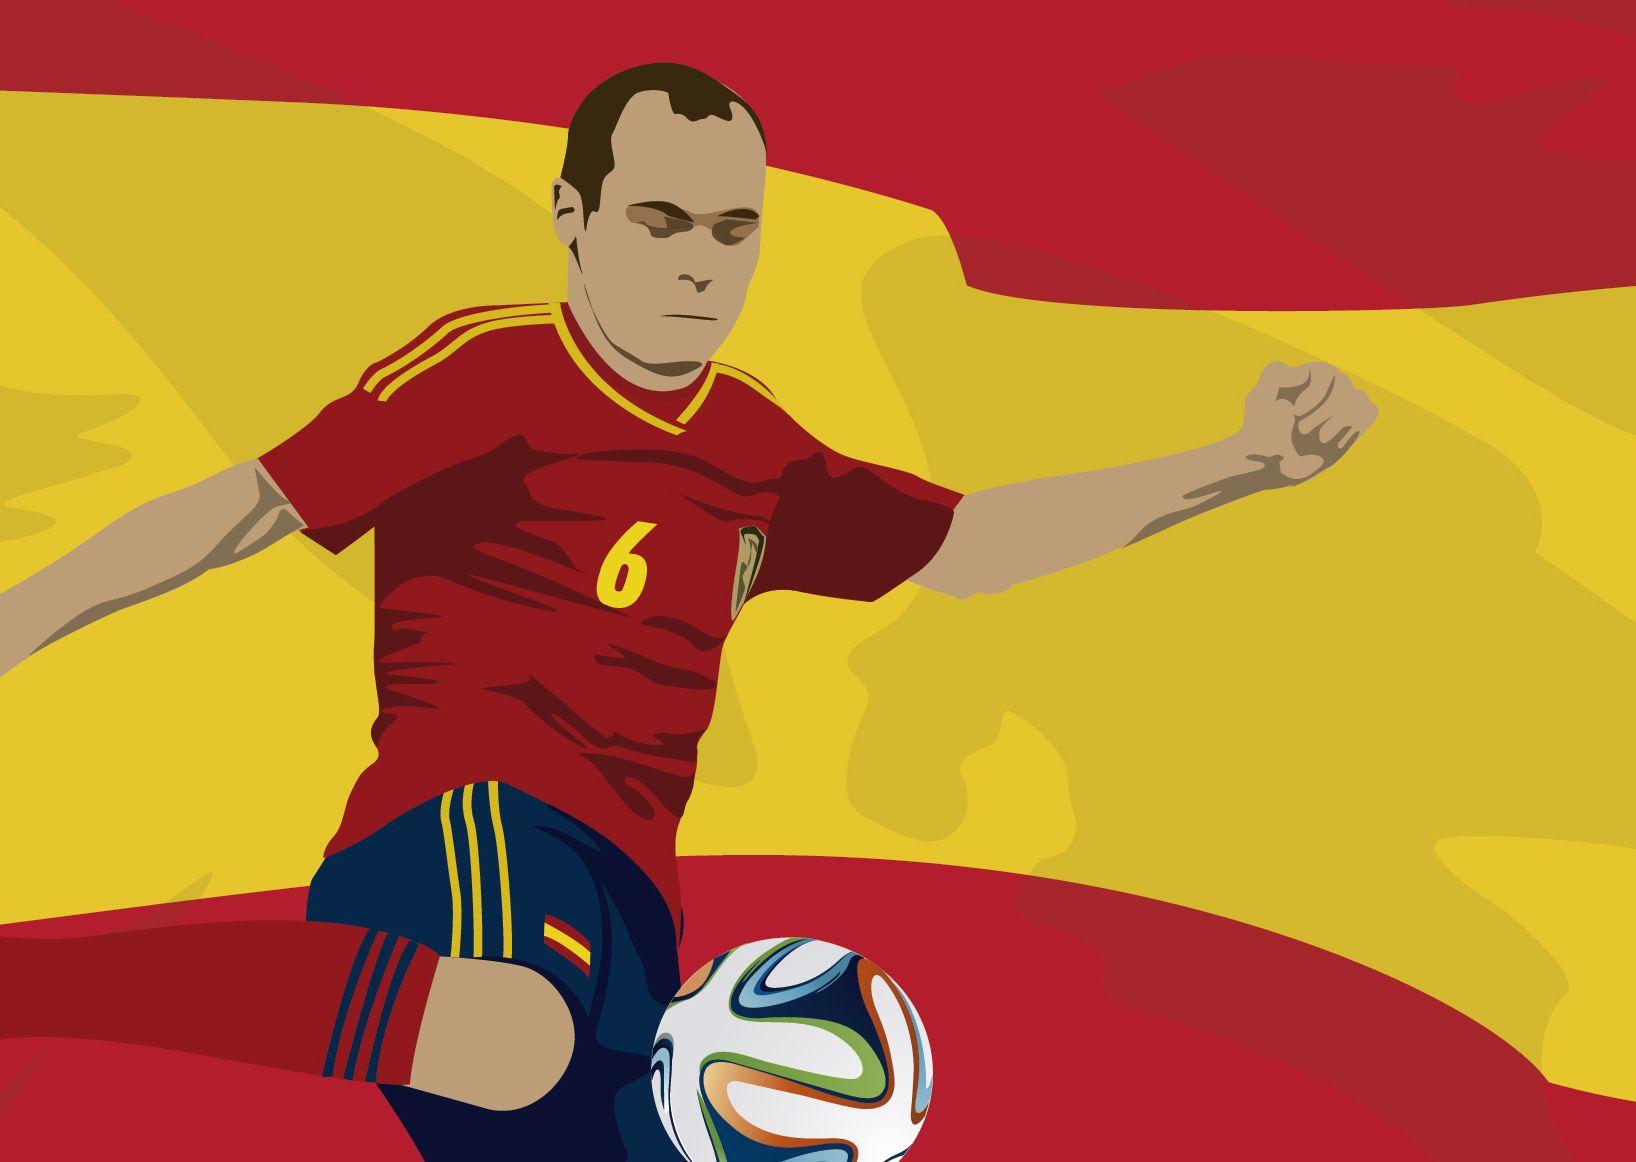 El jugador de Espa?a Andr?s Iniesta con bandera